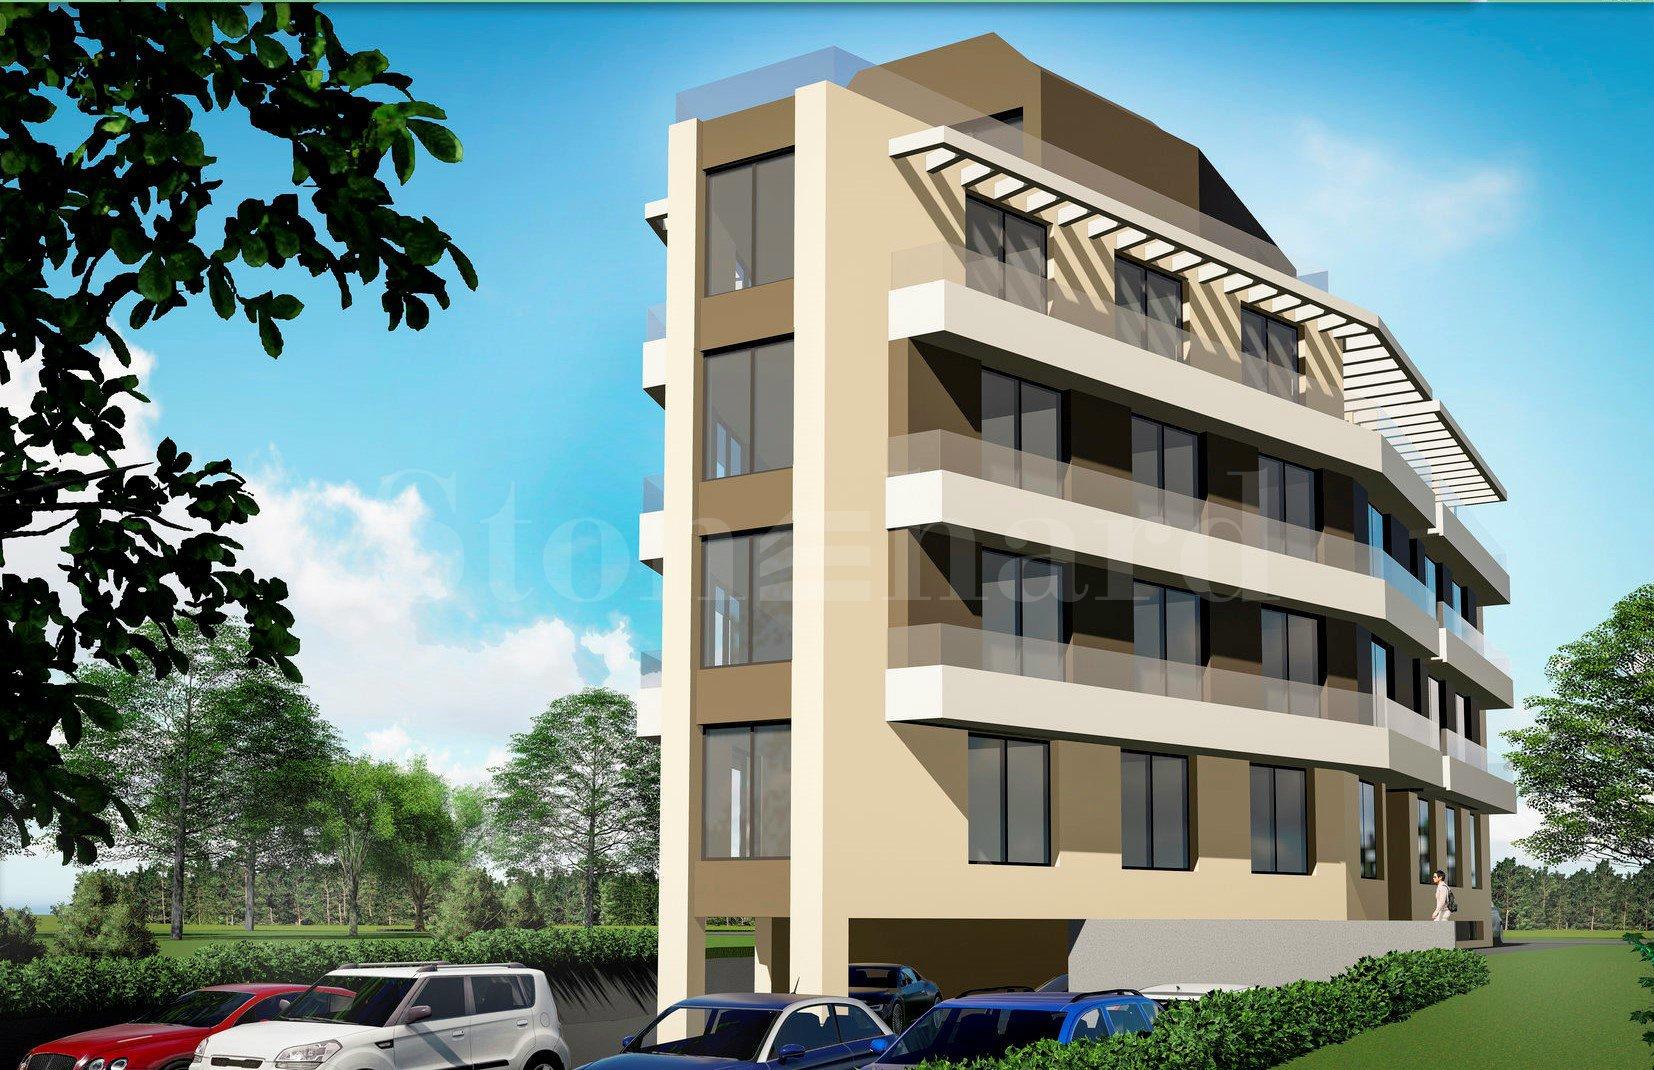 Нова сграда с двустайни и тристайни апартаменти, кв.